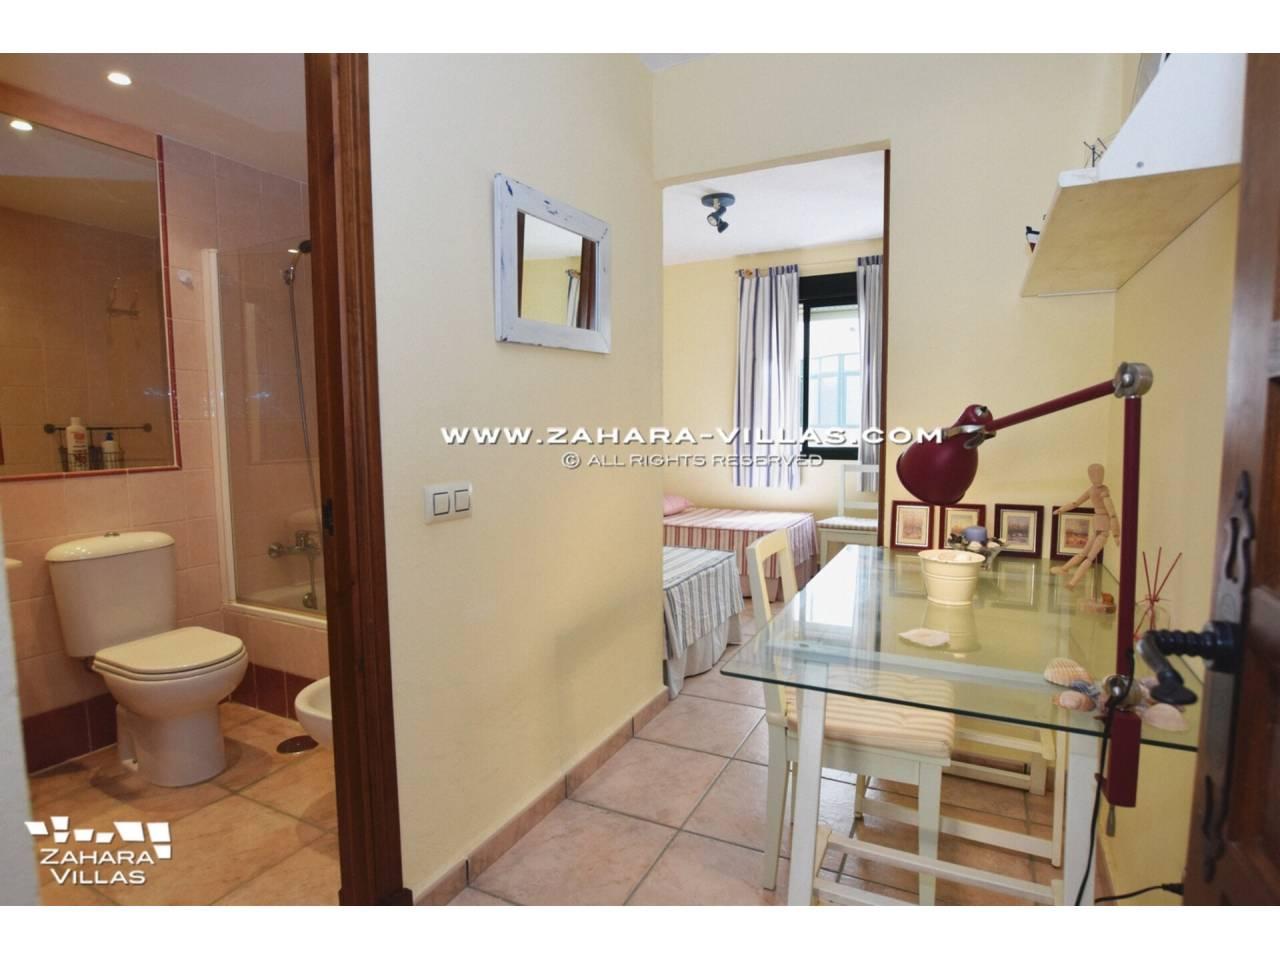 Imagen 7 de Coqueto apartamento en venta en urbanización Jardines de Zahara - Atlanterra